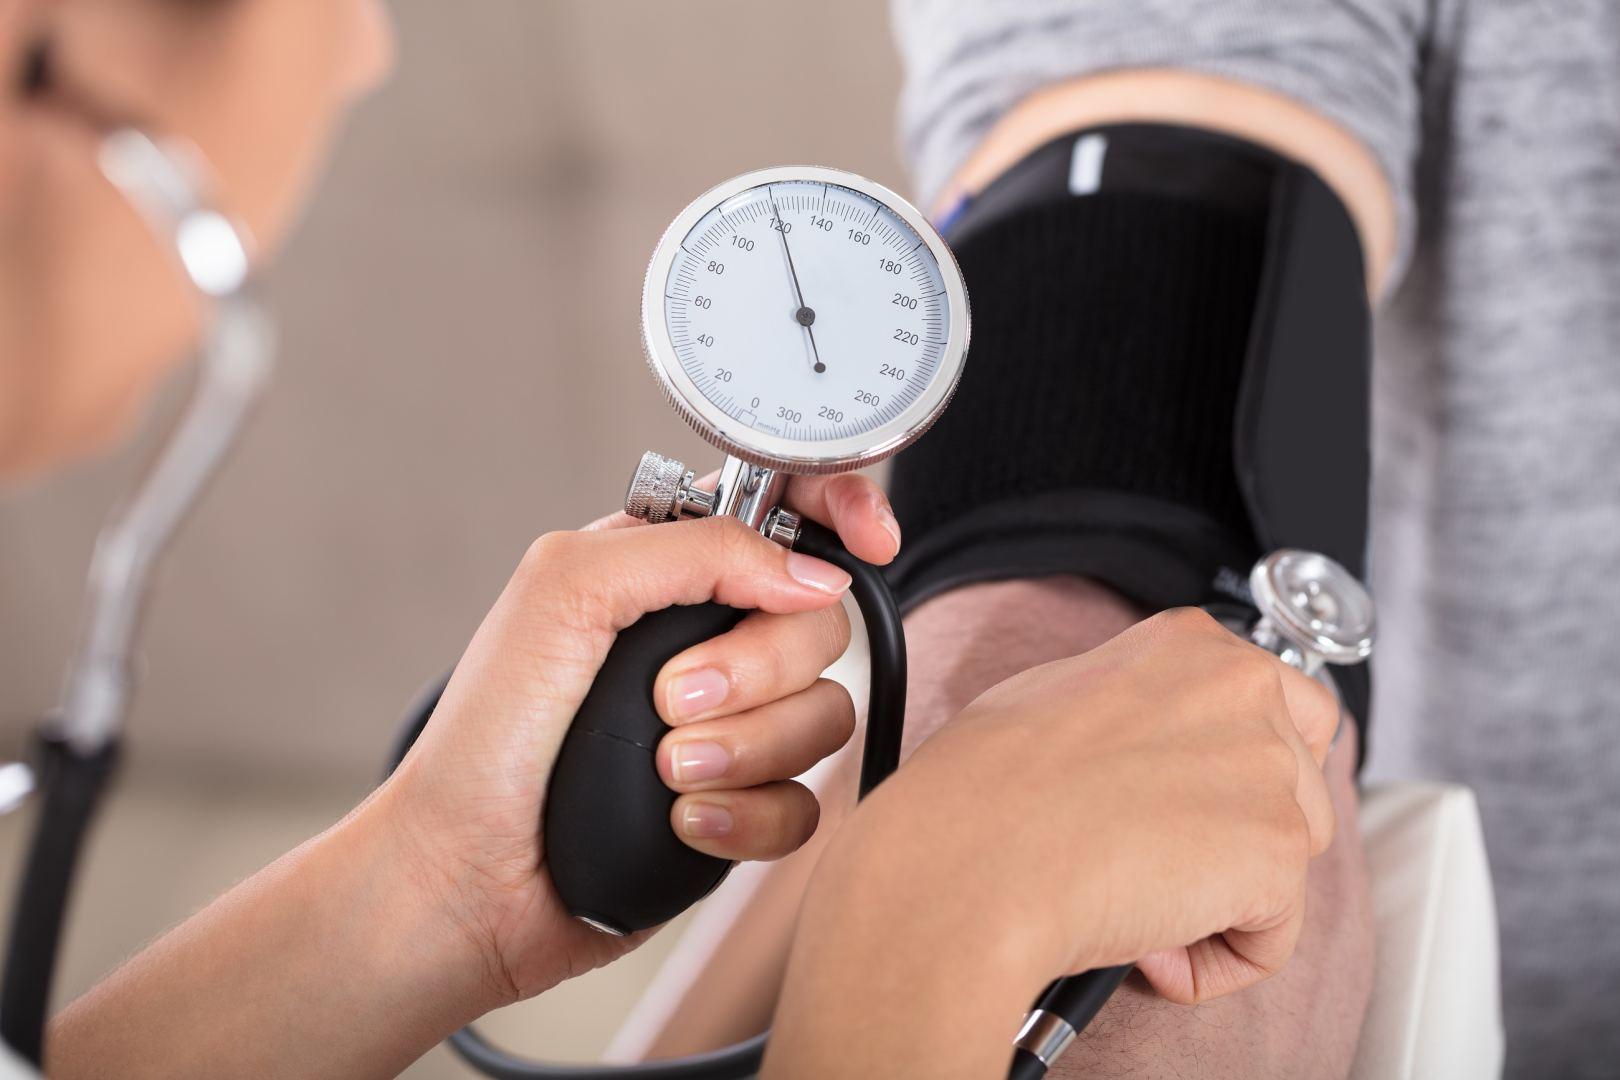 kaip gydyti hipertenziją namuose ir kaip)